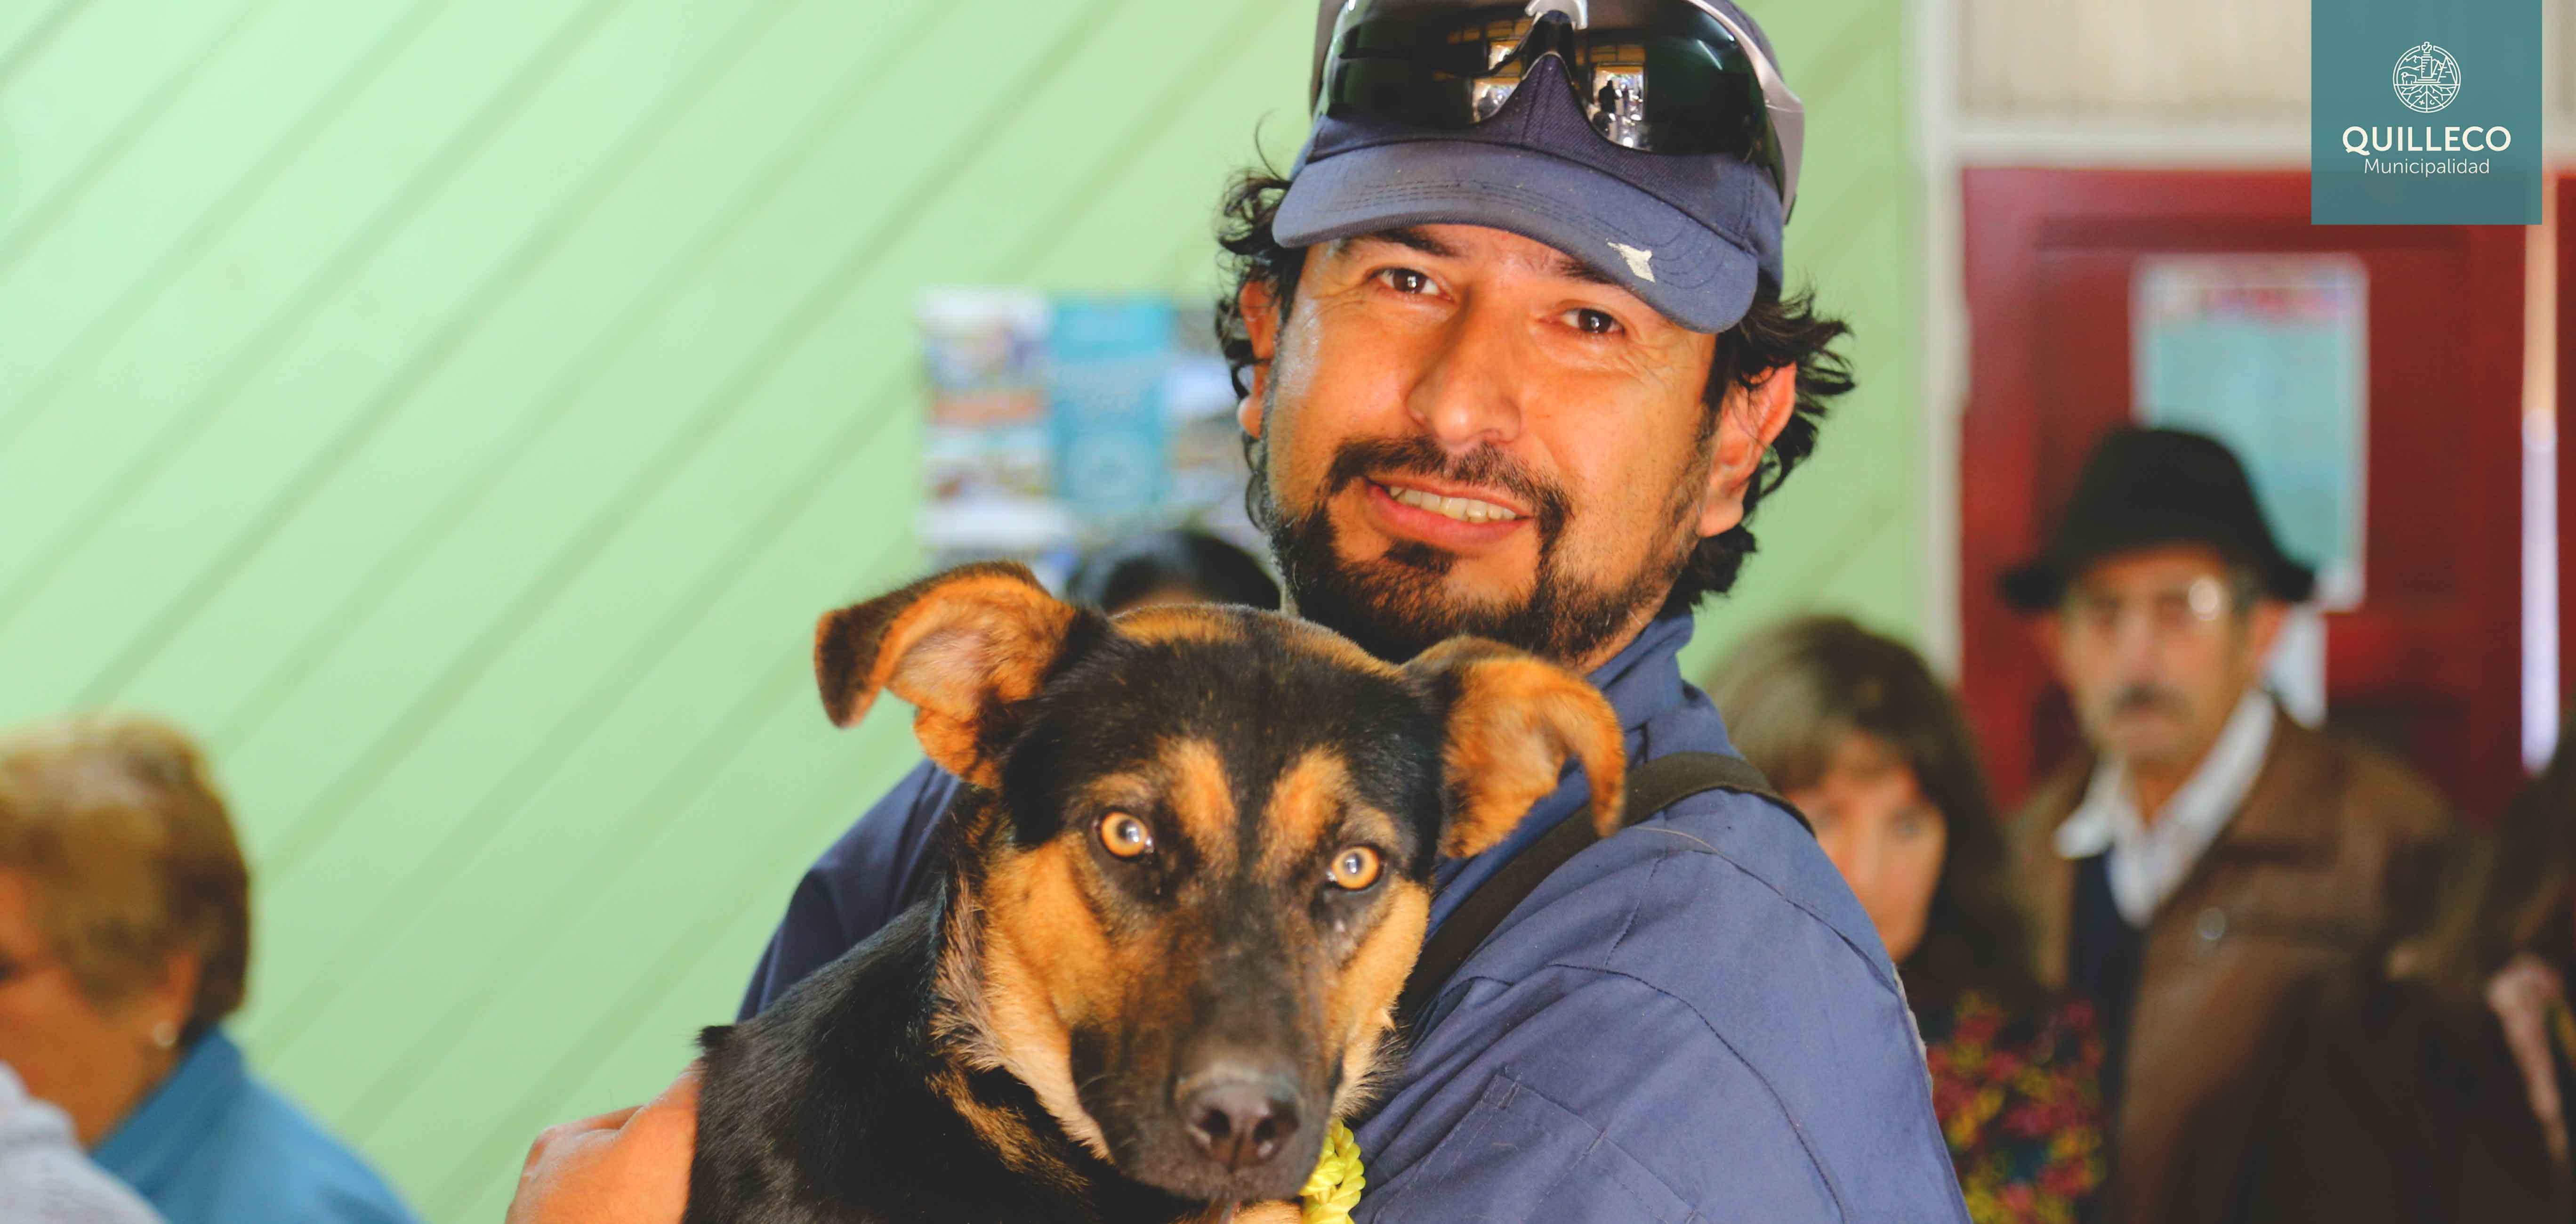 Con masiva asistencia concluyó la gran jornada de esterilizaciones de mascotas